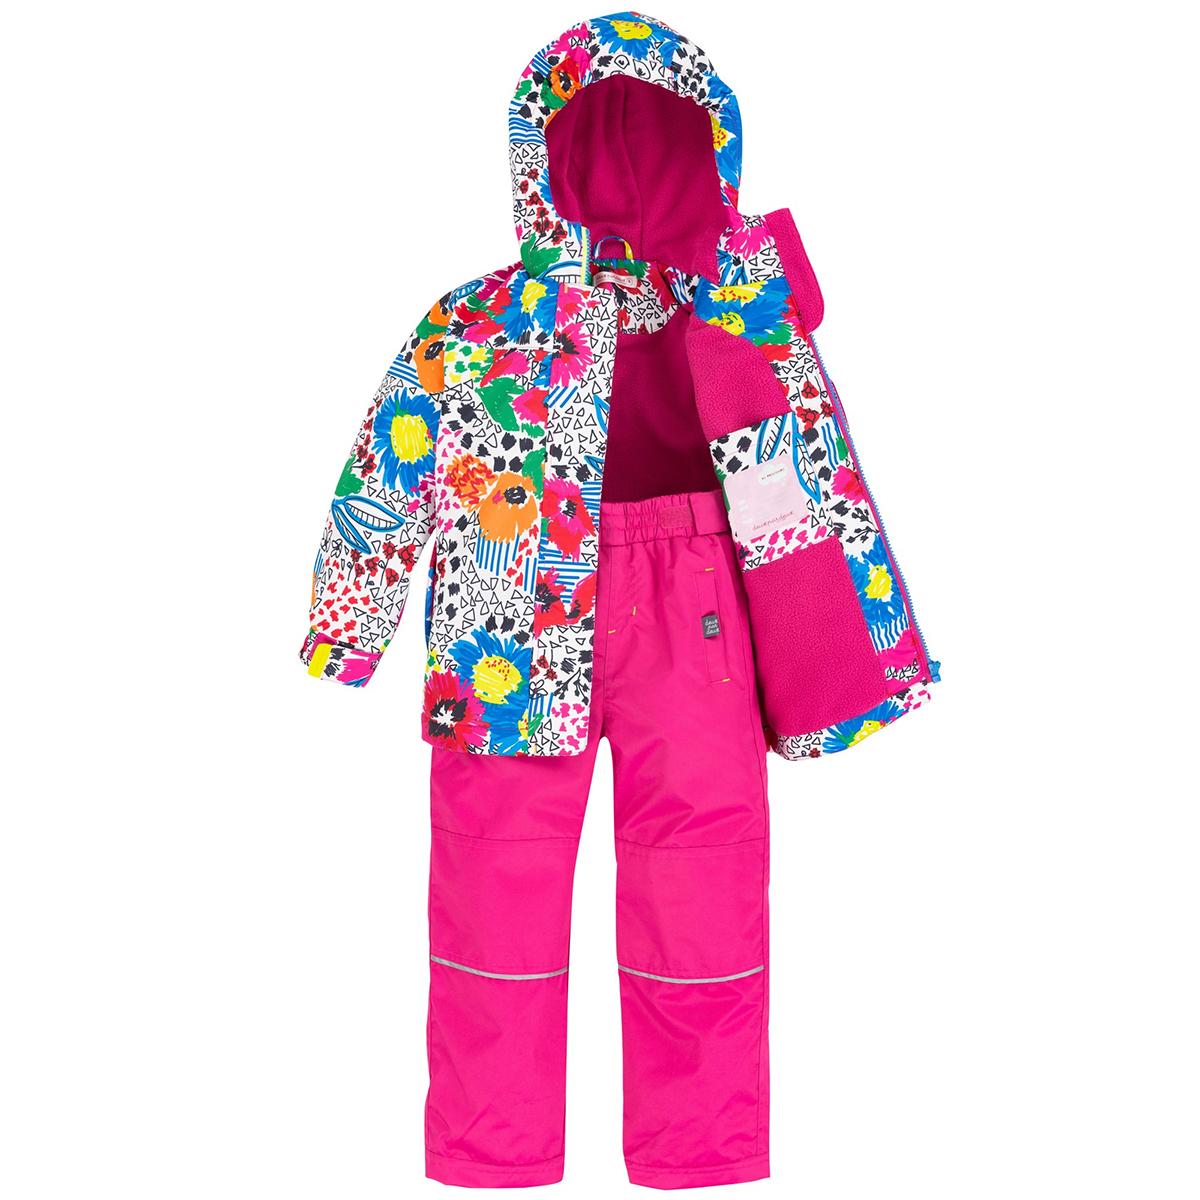 наше картинки одежда для весны и зимы пробковый компенсатор стыке